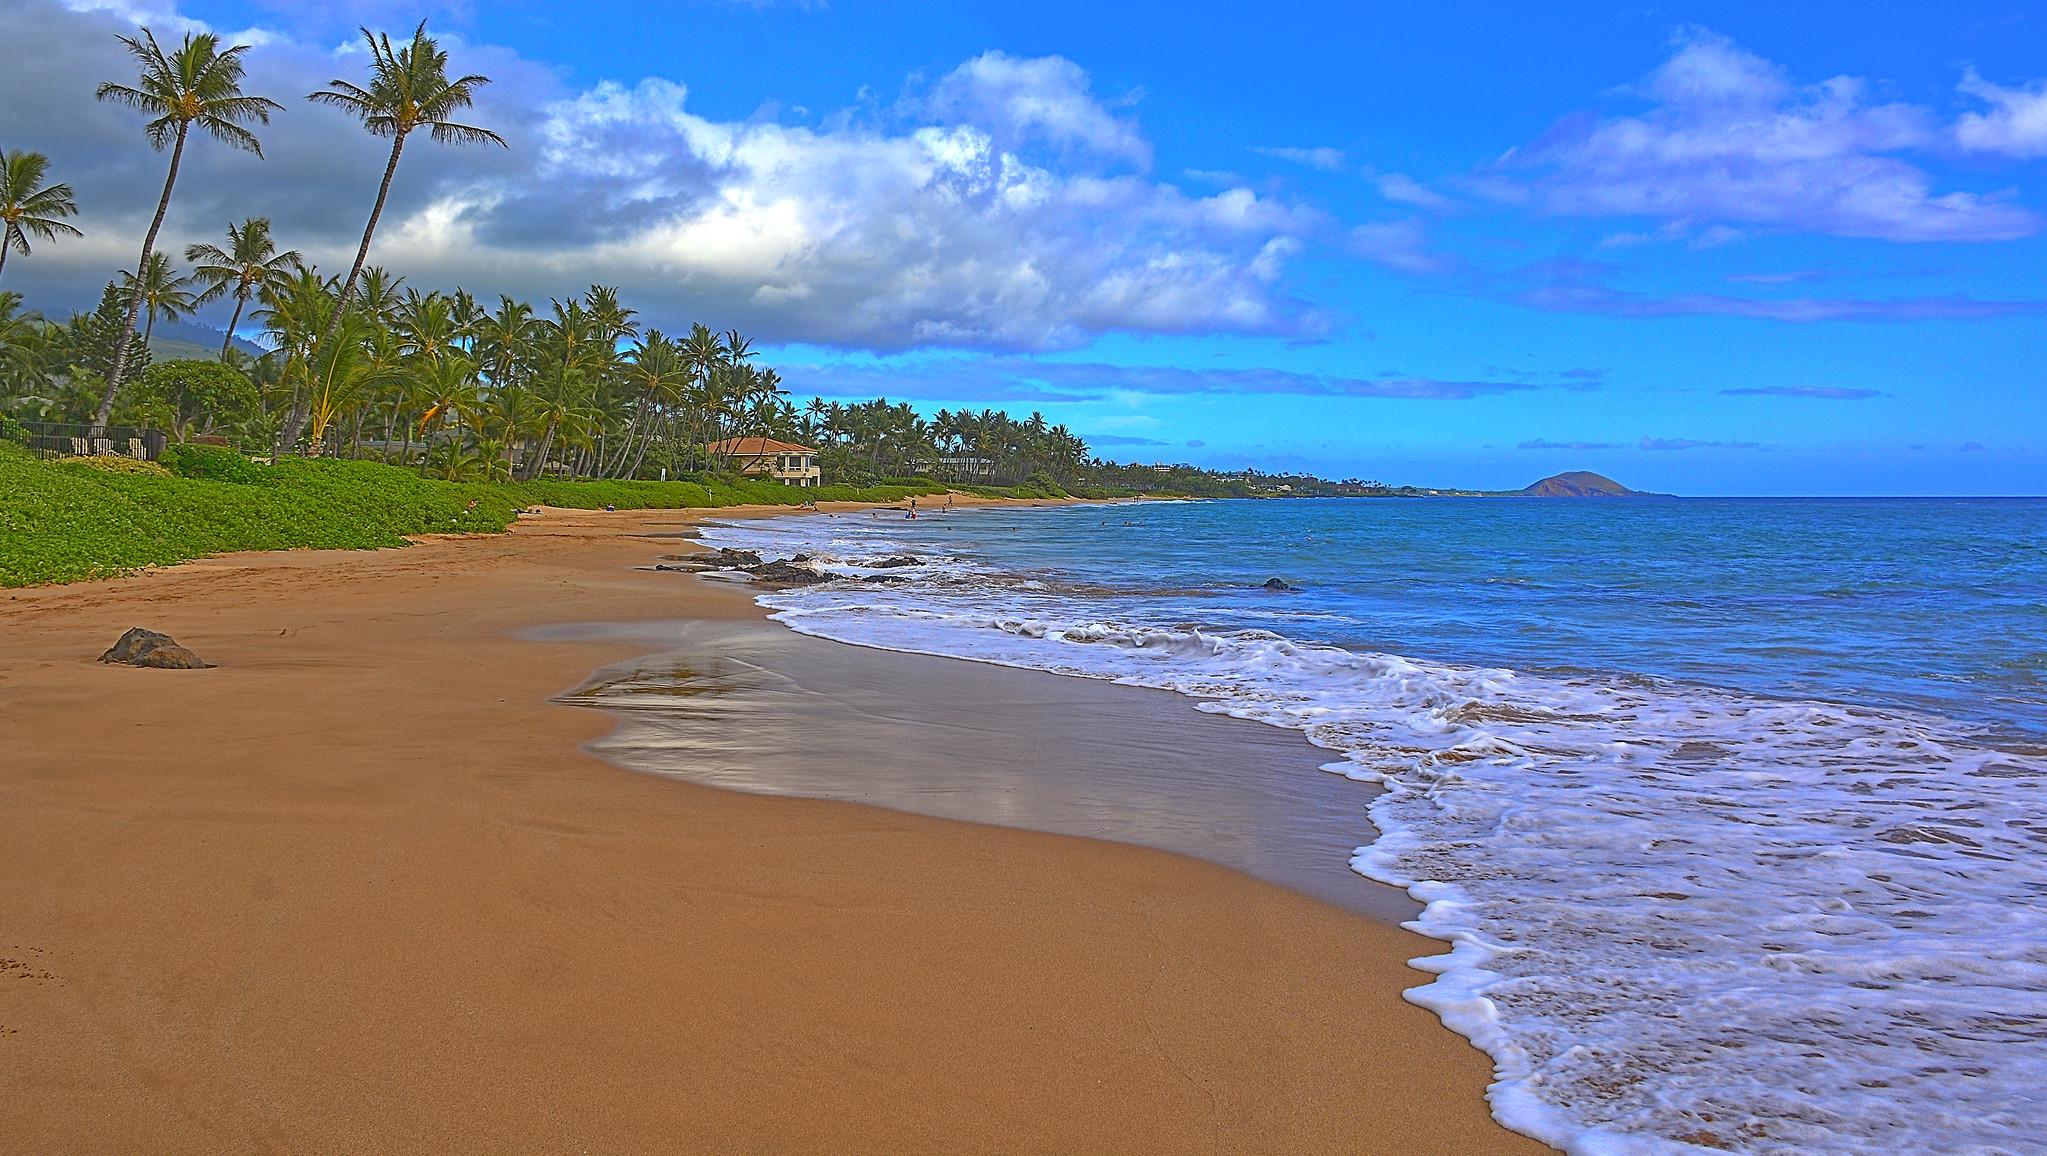 Best Beaches in Maui, Hawaii - Top 10 Beaches in Maui